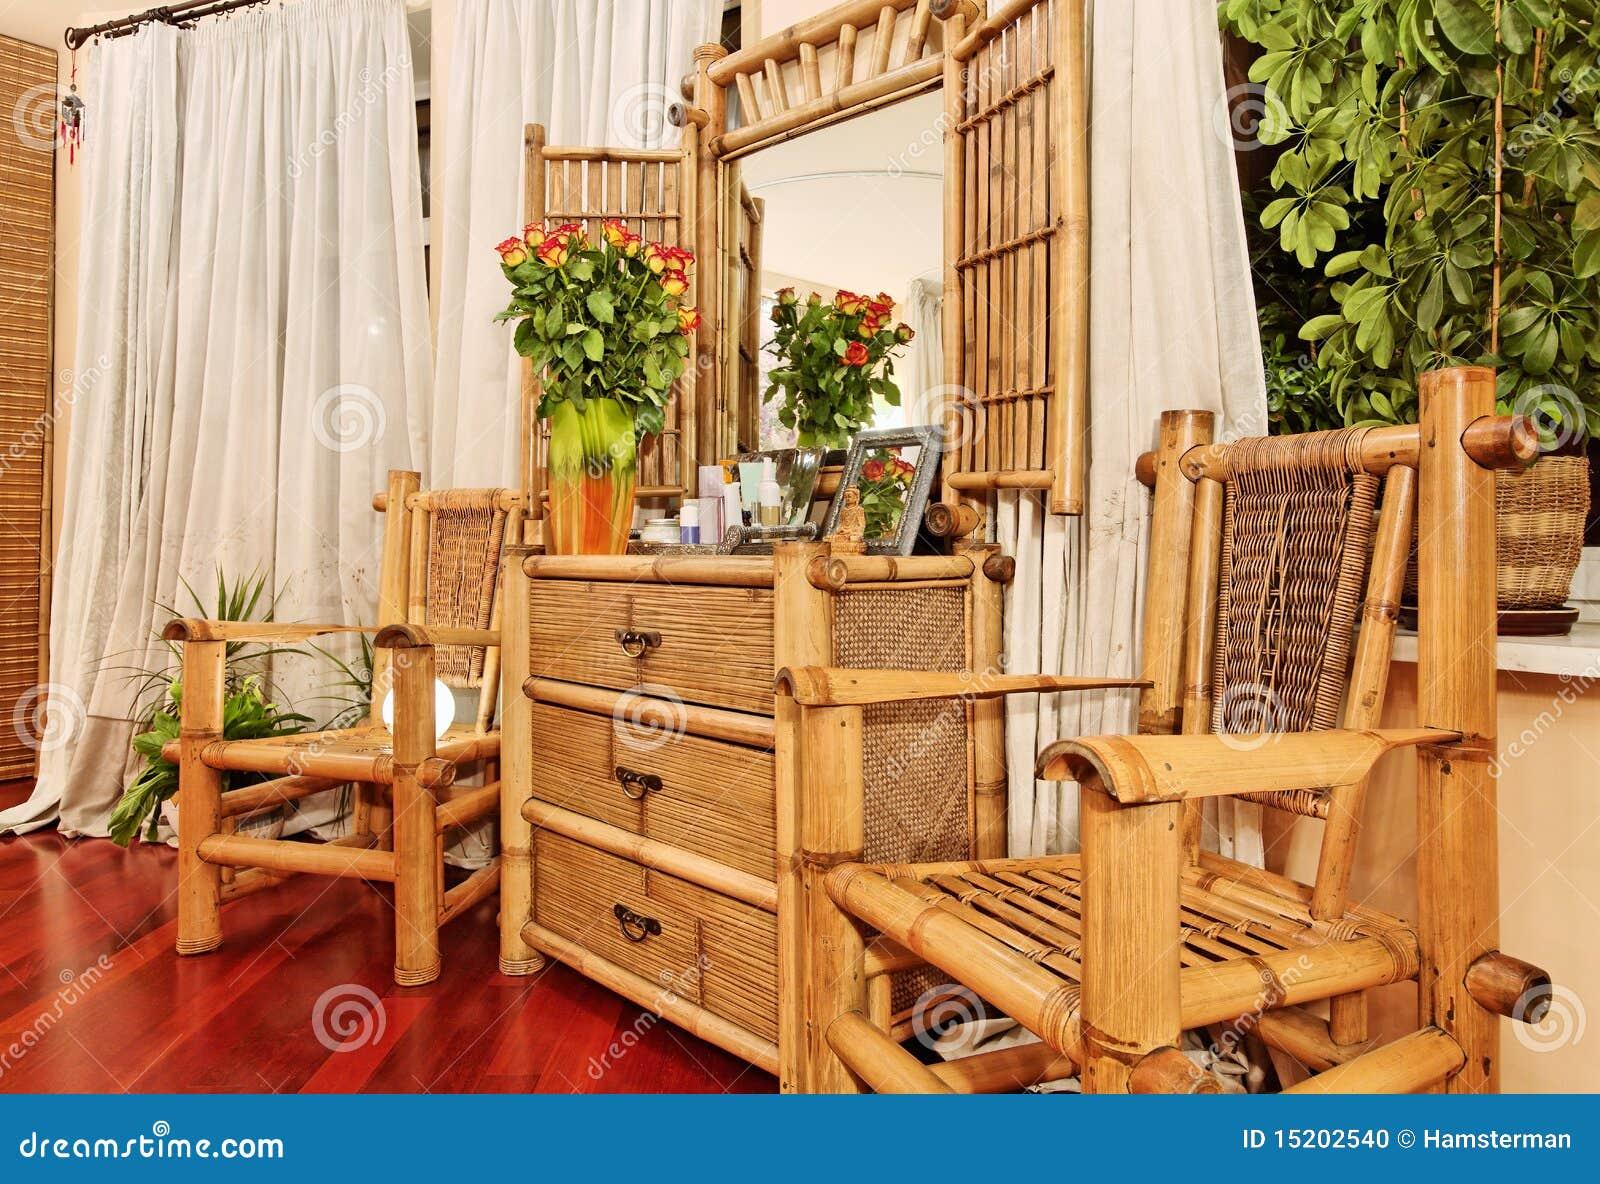 Muebles De Bamb Tnicos Foto De Archivo Imagen De Pecho 15202540 # Muebles Debambu